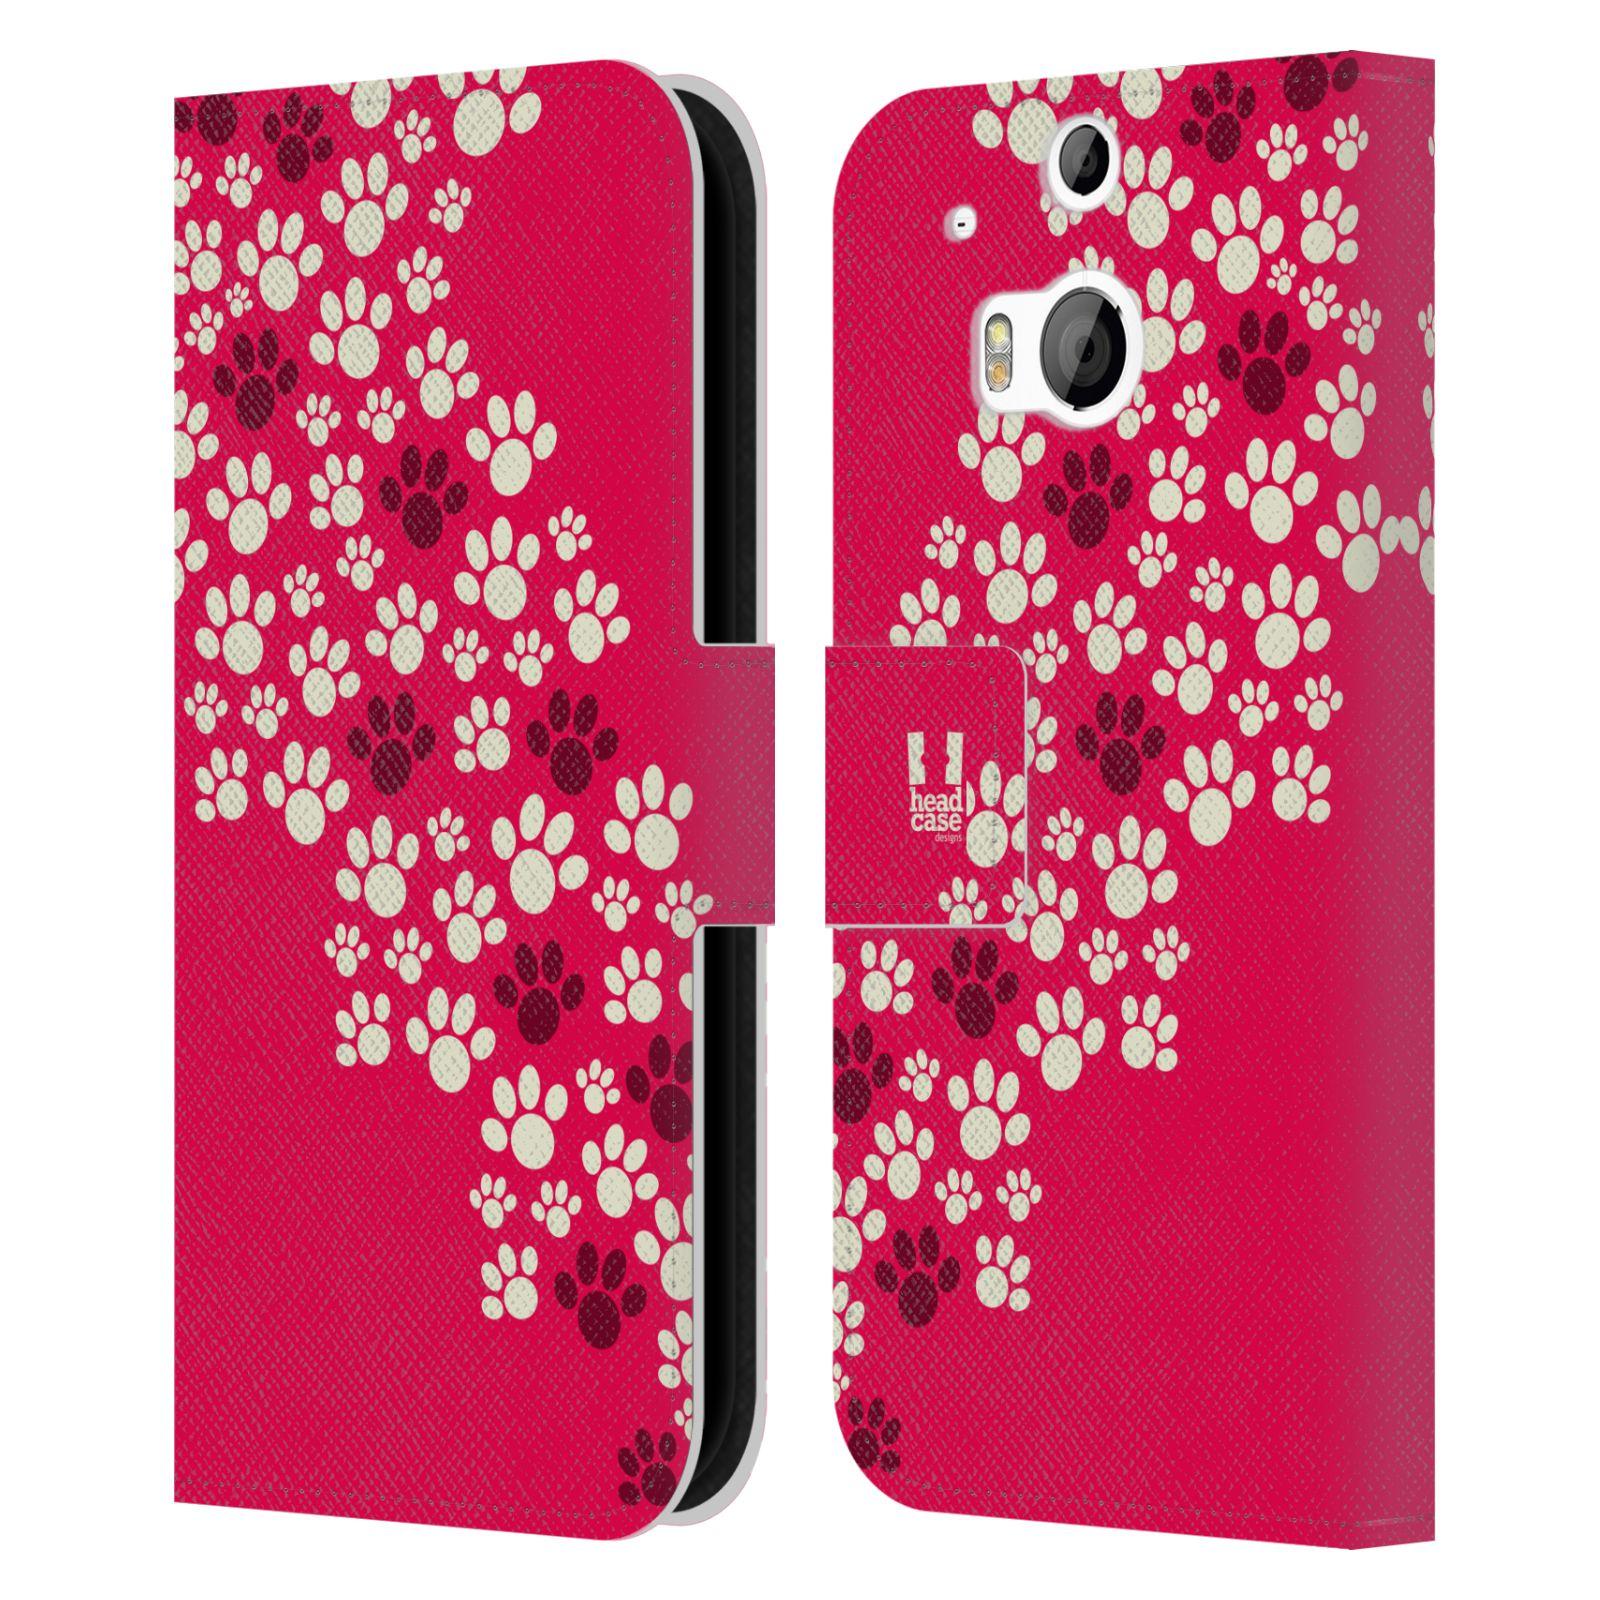 HEAD CASE Flipové pouzdro pro mobil HTC ONE (M8, M8s) Pejsek ťapky růžová barva